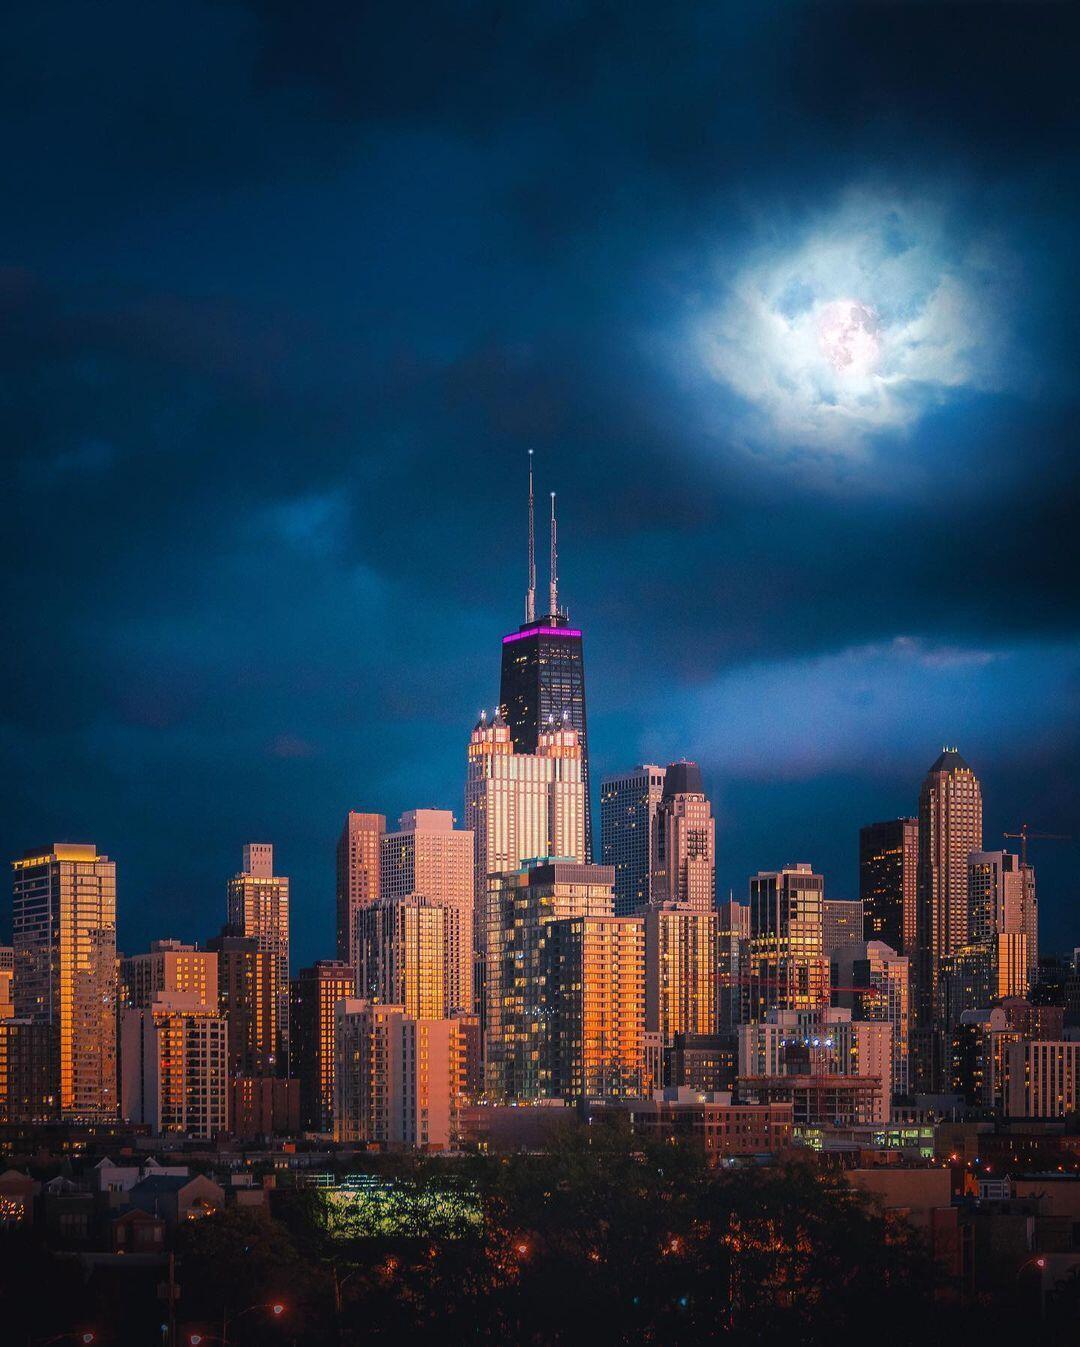 Cómo estos fotógrafos capturan paisajes urbanos nocturnos brillantes y coloridos